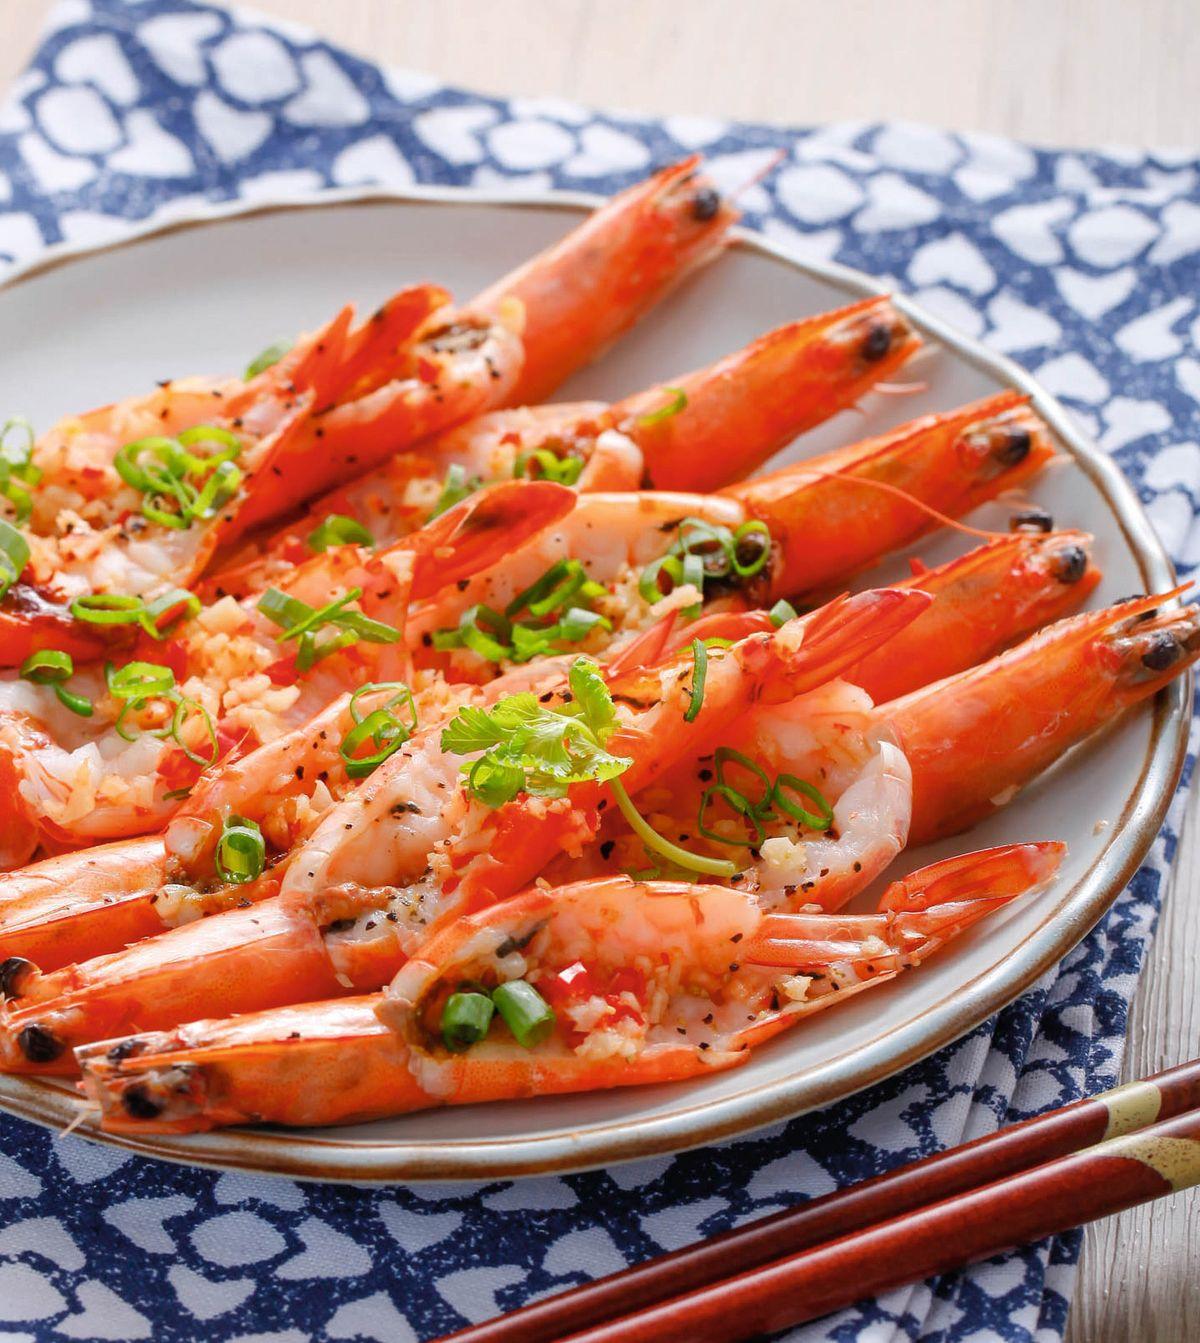 食譜:蒜味清蒸蝦